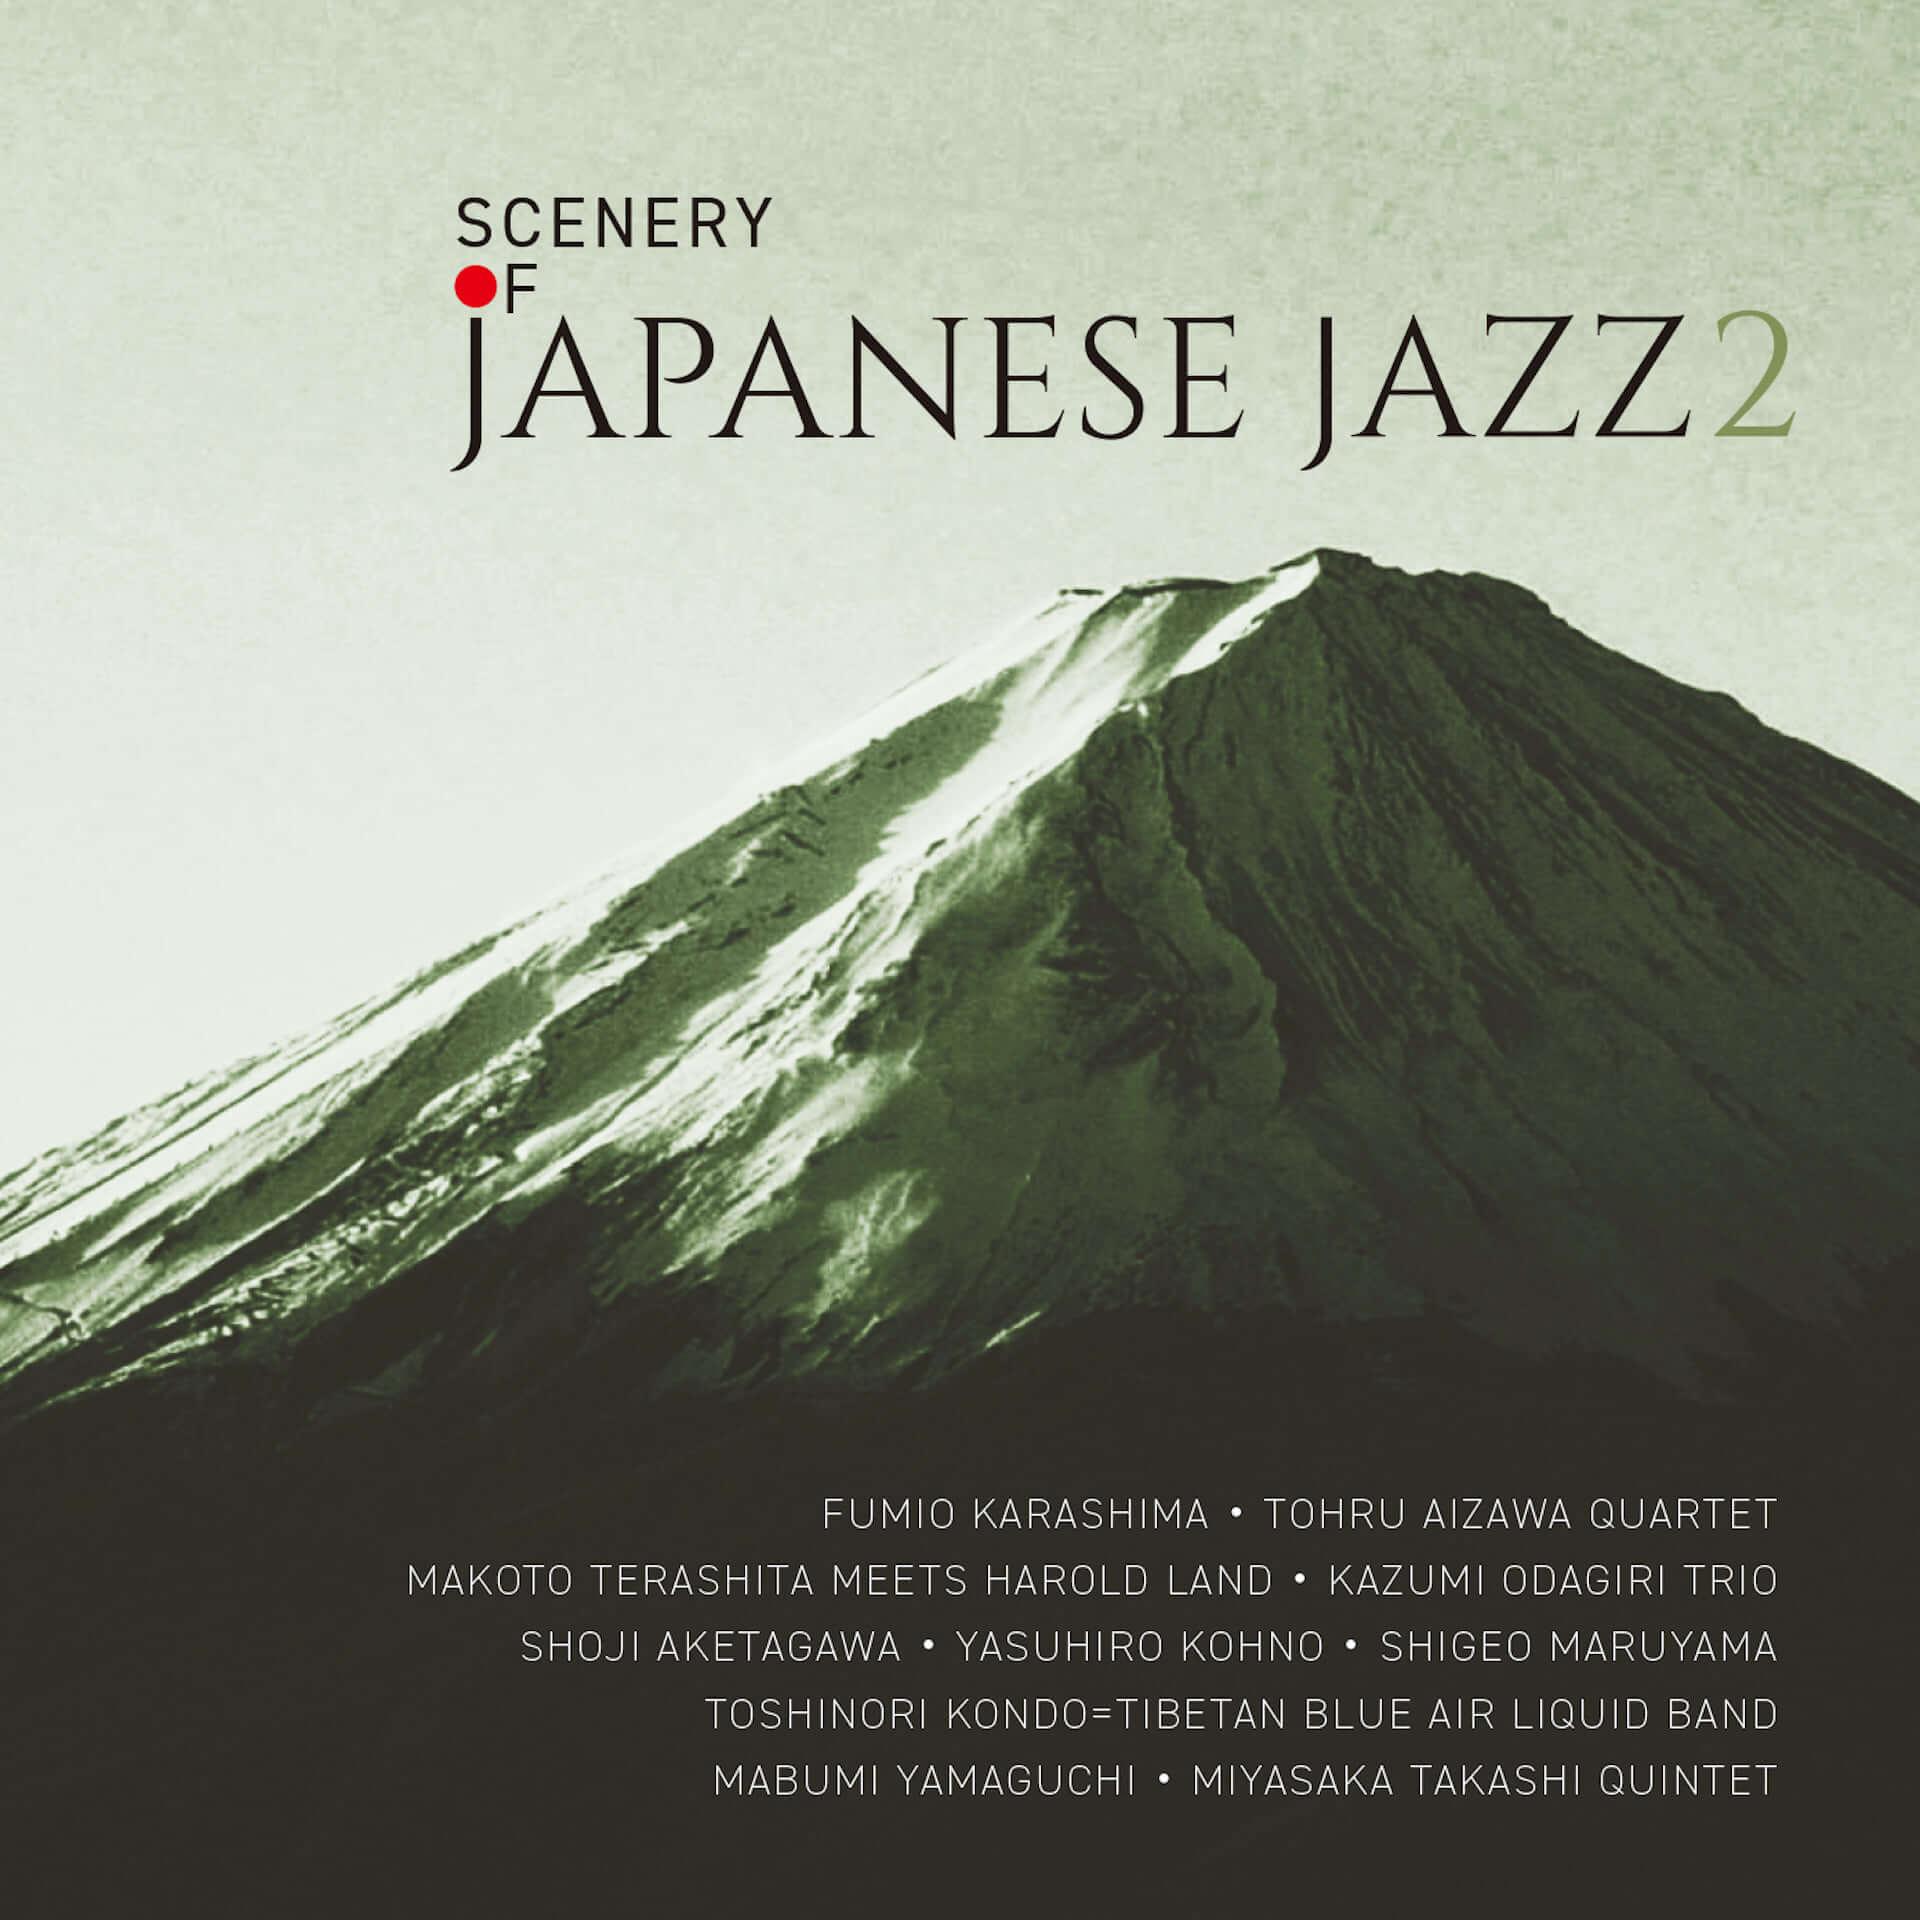 日本人ジャズ・アーカイブをコンパイルしたコンピレーション第2弾が発売決定!〈アケタズ・ディスク〉〈ホワイノット〉など幻のレーベル作品を収録 music210113_jazz-va_9-1920x1920